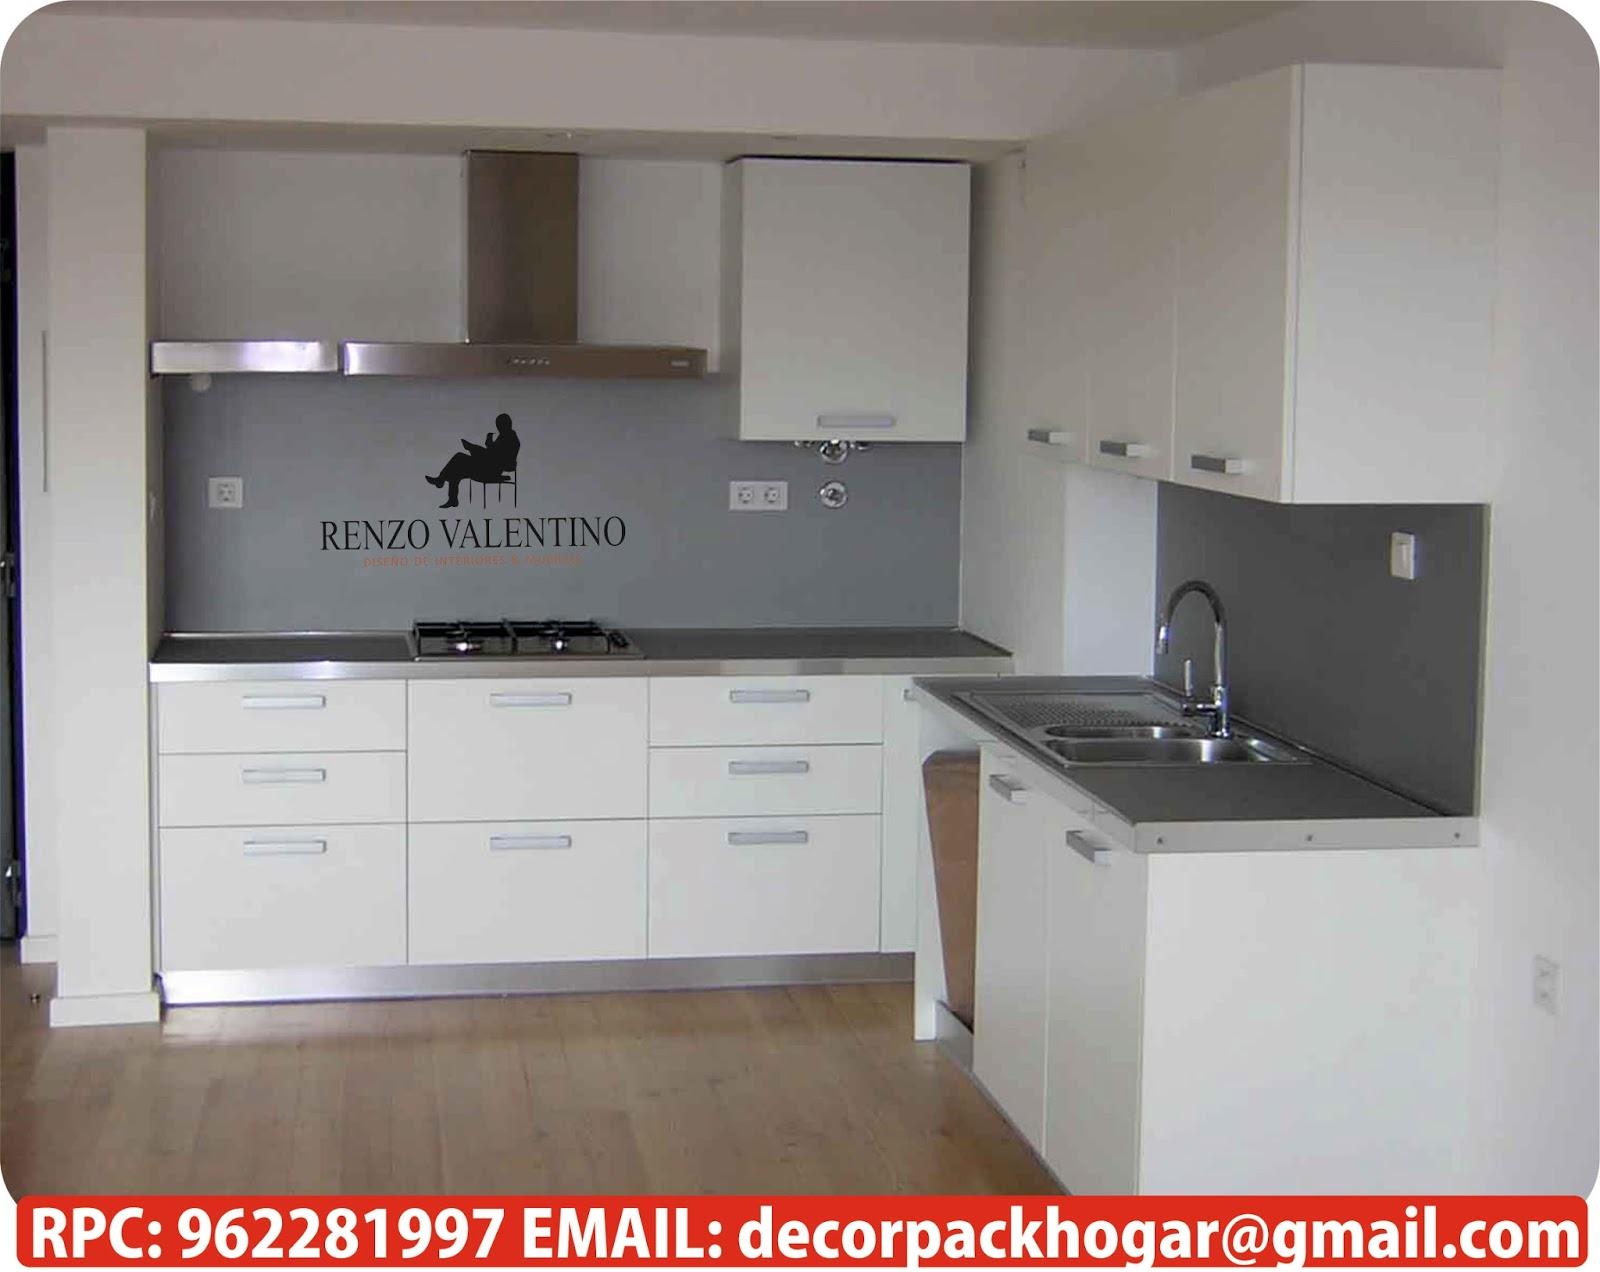 Dise os fabricacion de closet cocina y muebles de oficina rpc 962281997 m s de 10 modelos de for Muebles cocina completa